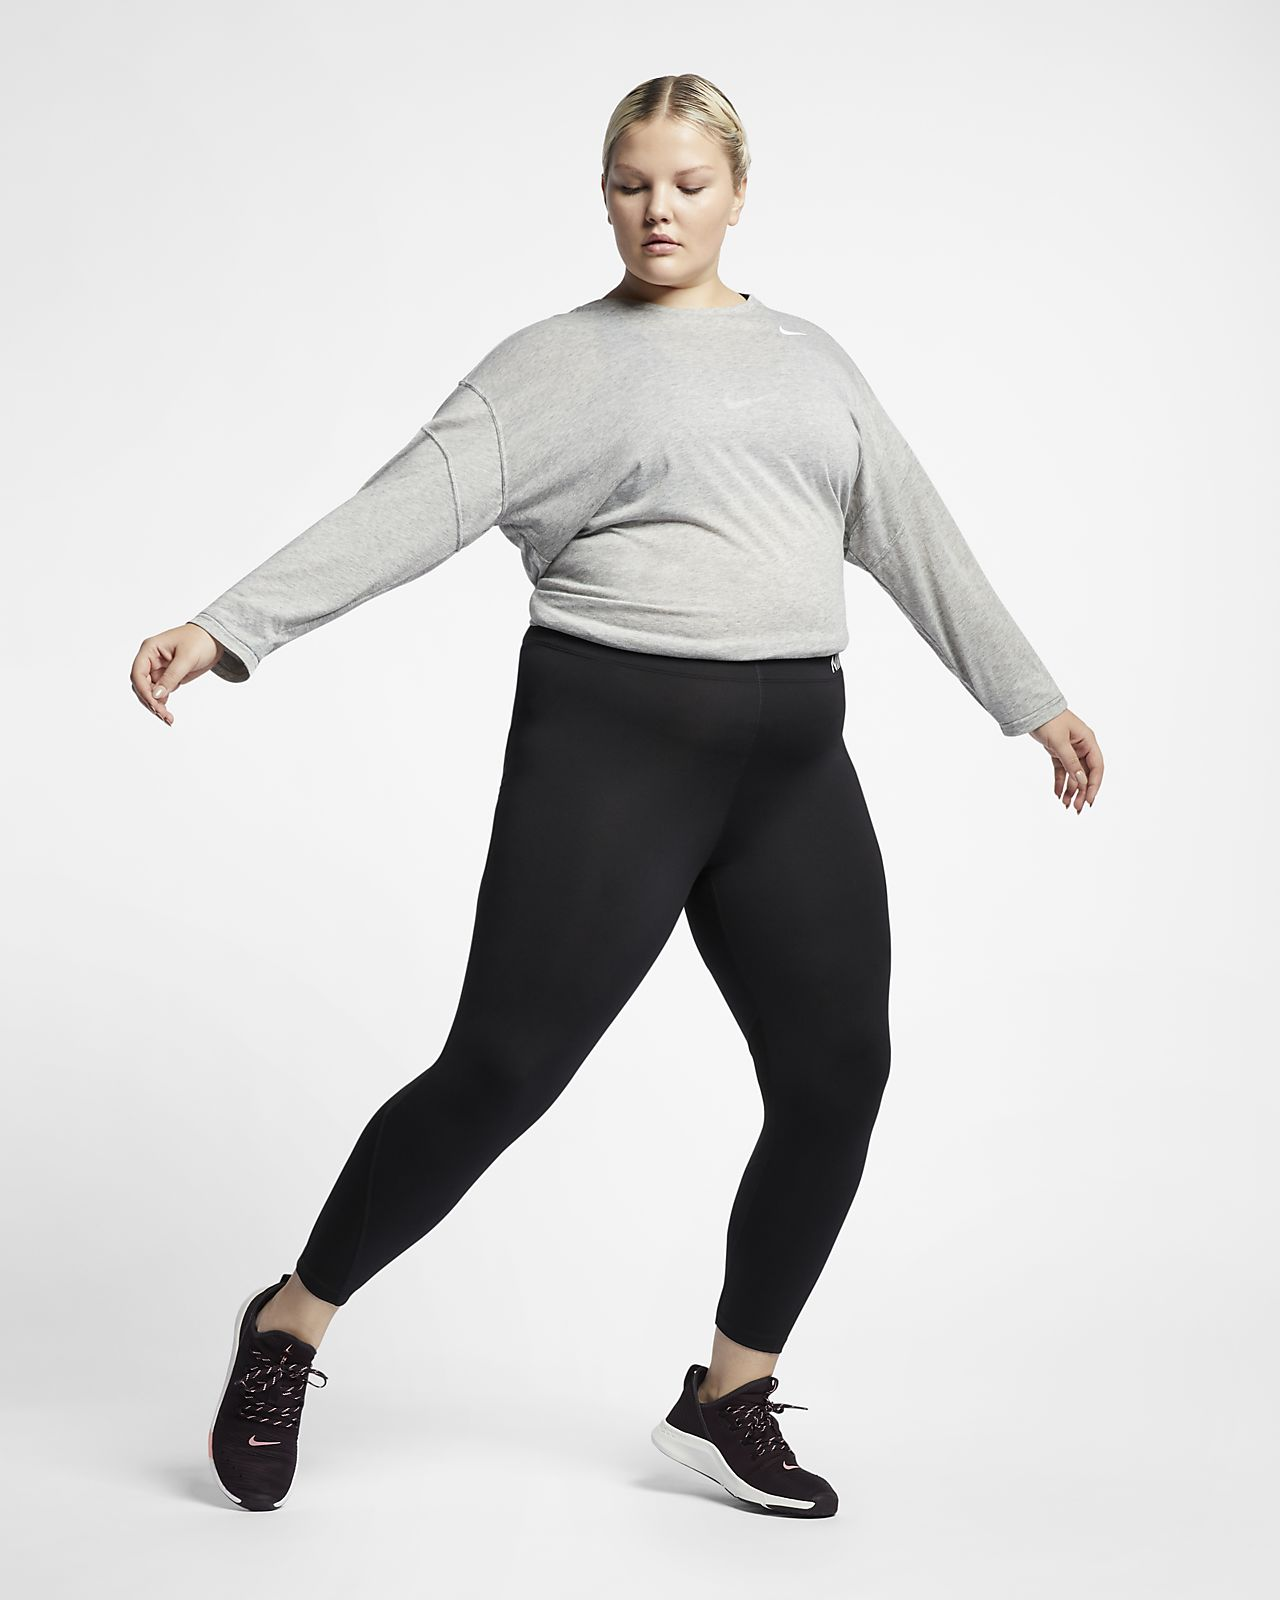 76161e445d640 Nike Pro Women s Mid-Rise Training Capris (Plus Size). Nike.com BG